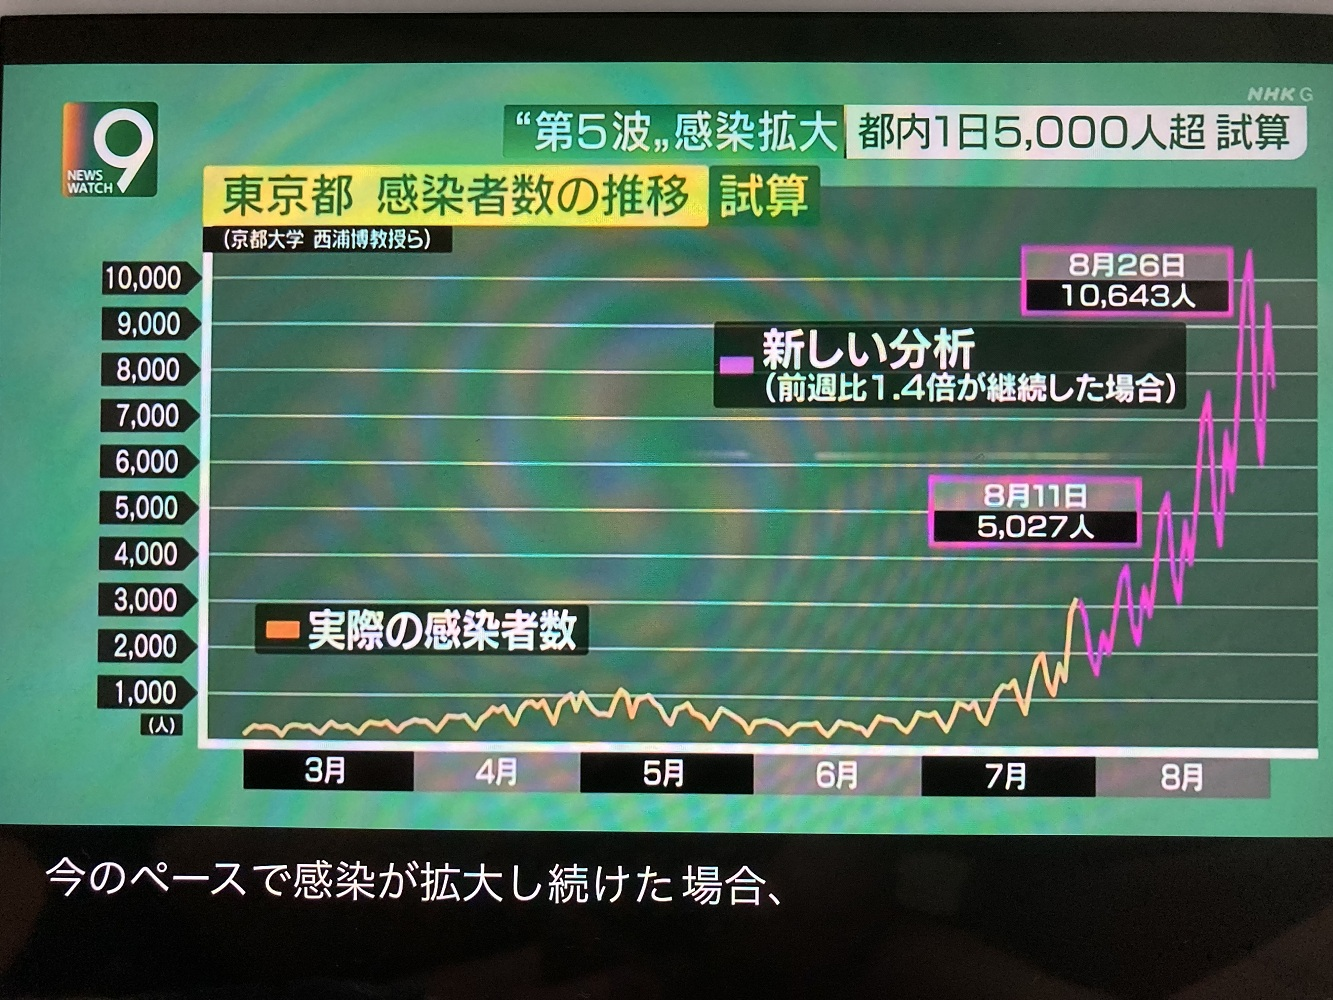 京都大學的西浦博教授指出8月內東京確診會單獨破萬,若不減少人流則無法減少確診(攝自NHK)